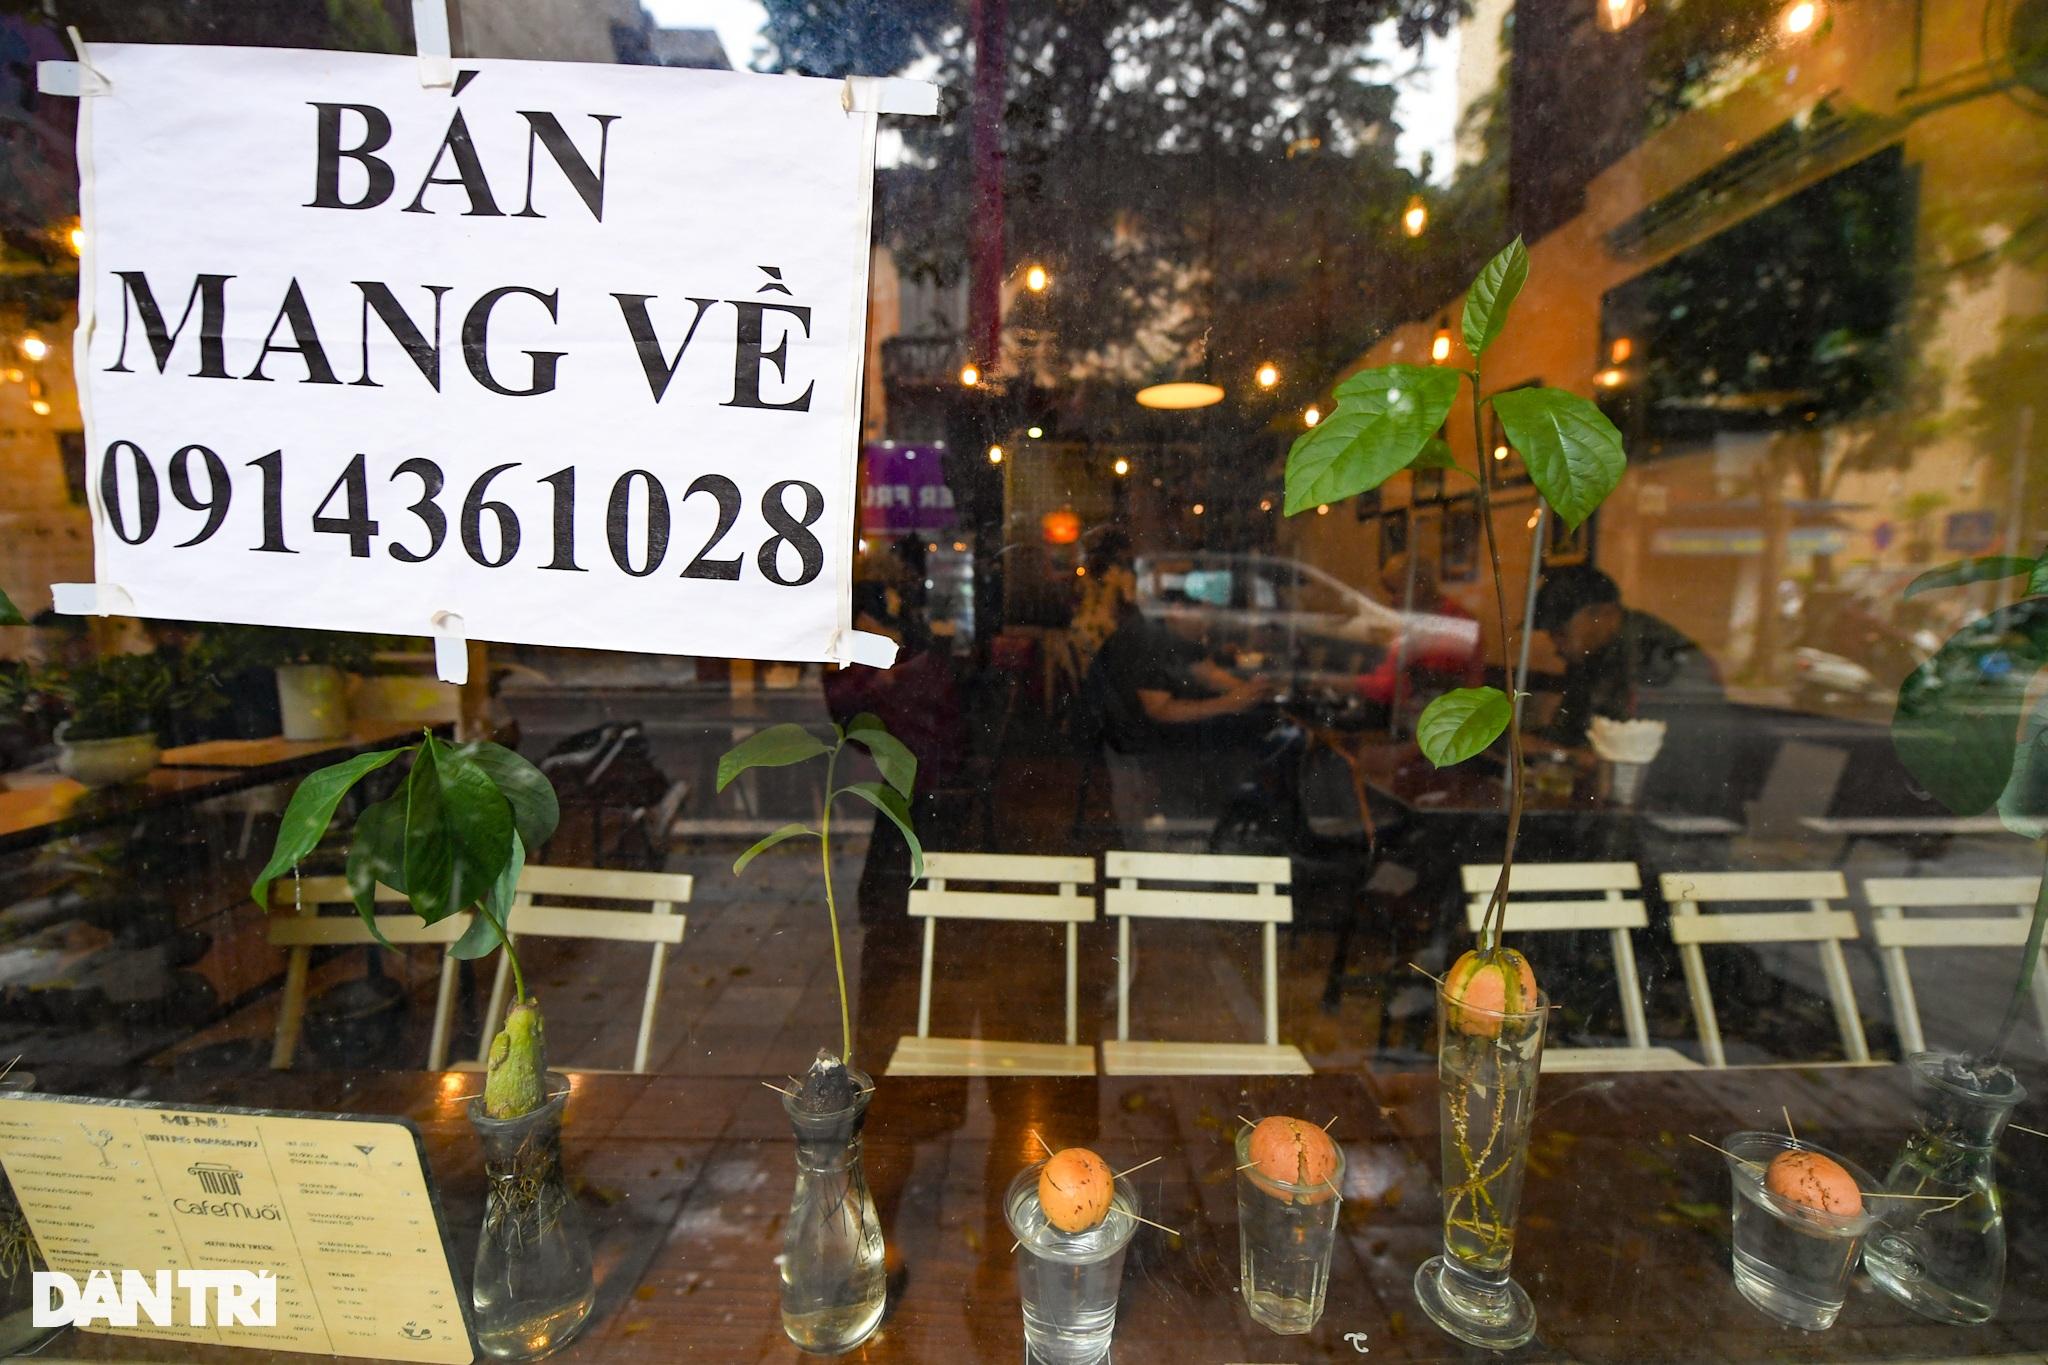 Hàng ăn, quán cafe tấp nập trong ngày đầu phục vụ khách tại chỗ - 8